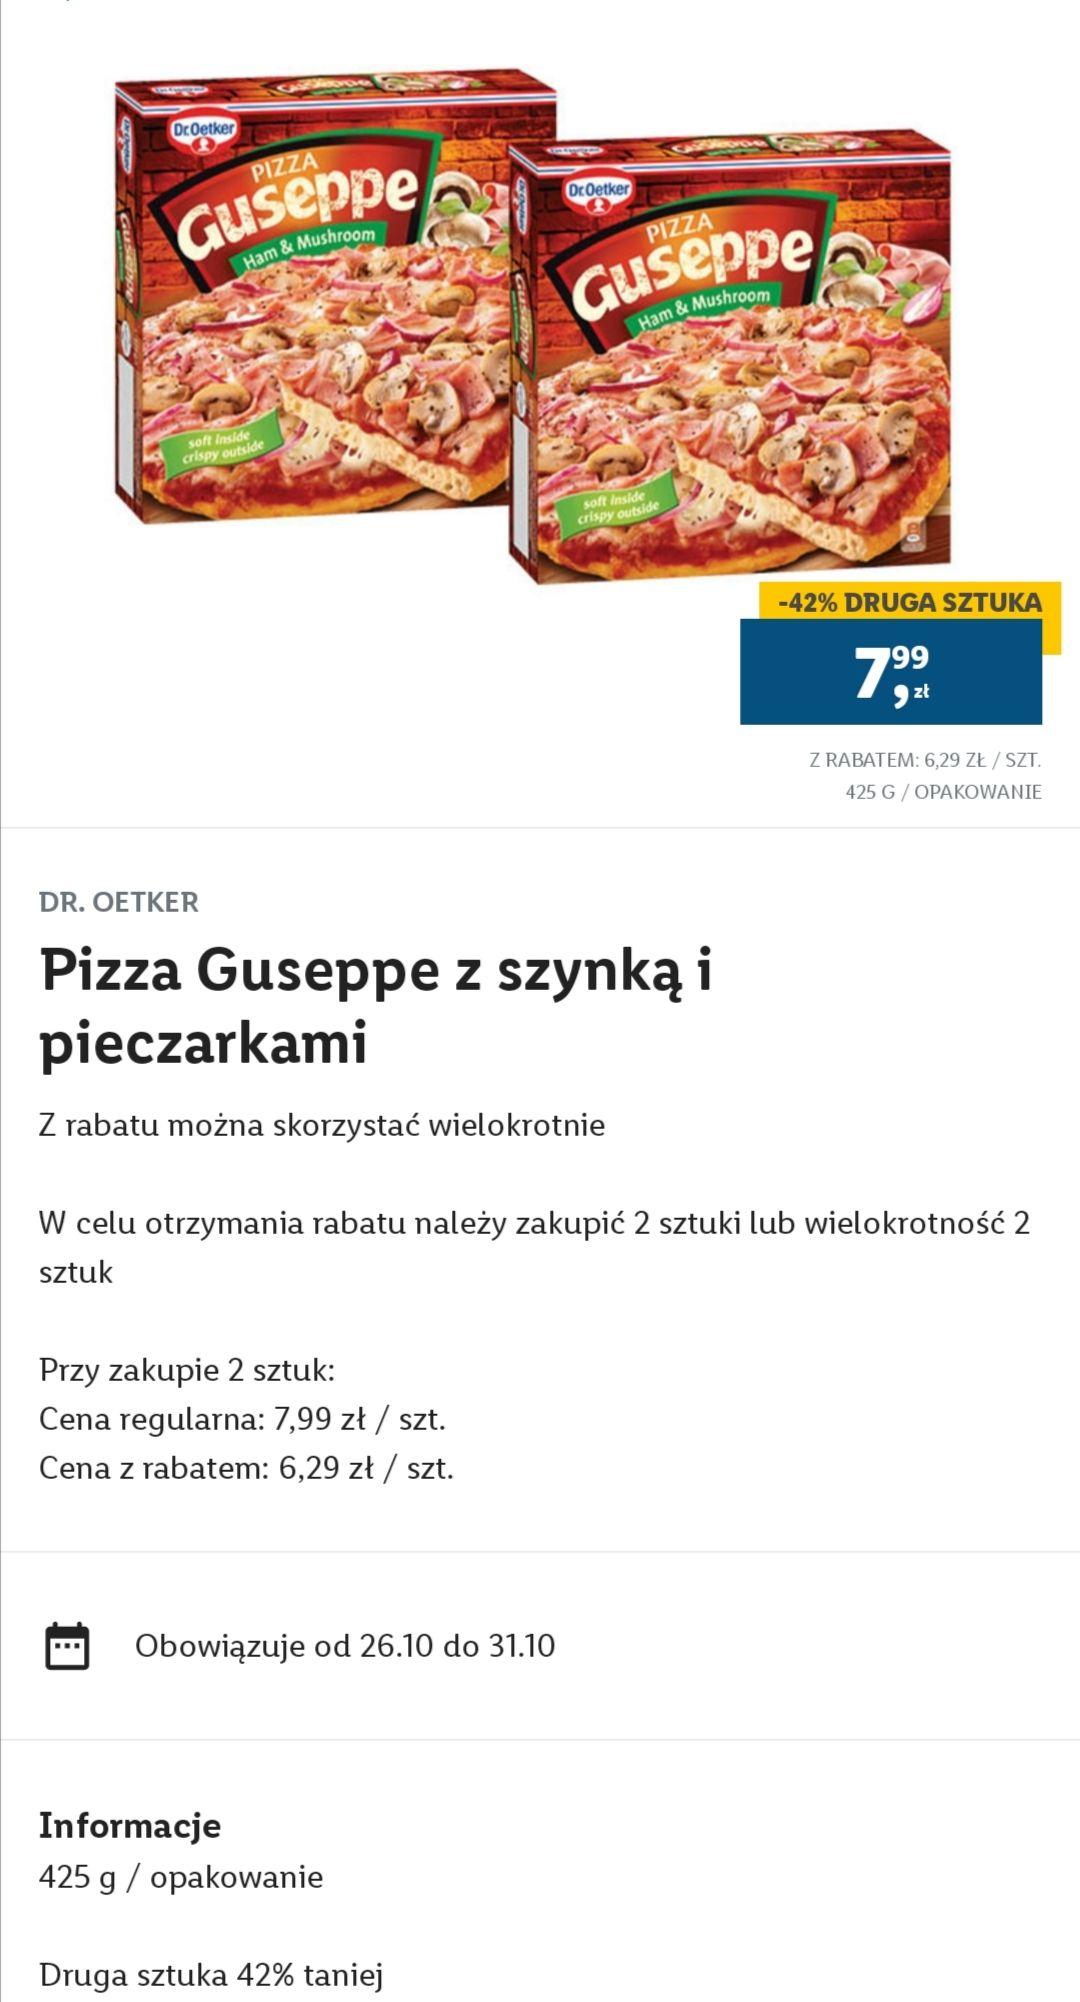 Pizza Guseppe z szynką i pieczarkami, cena przy zakupie dwóch sztuk. Lidl